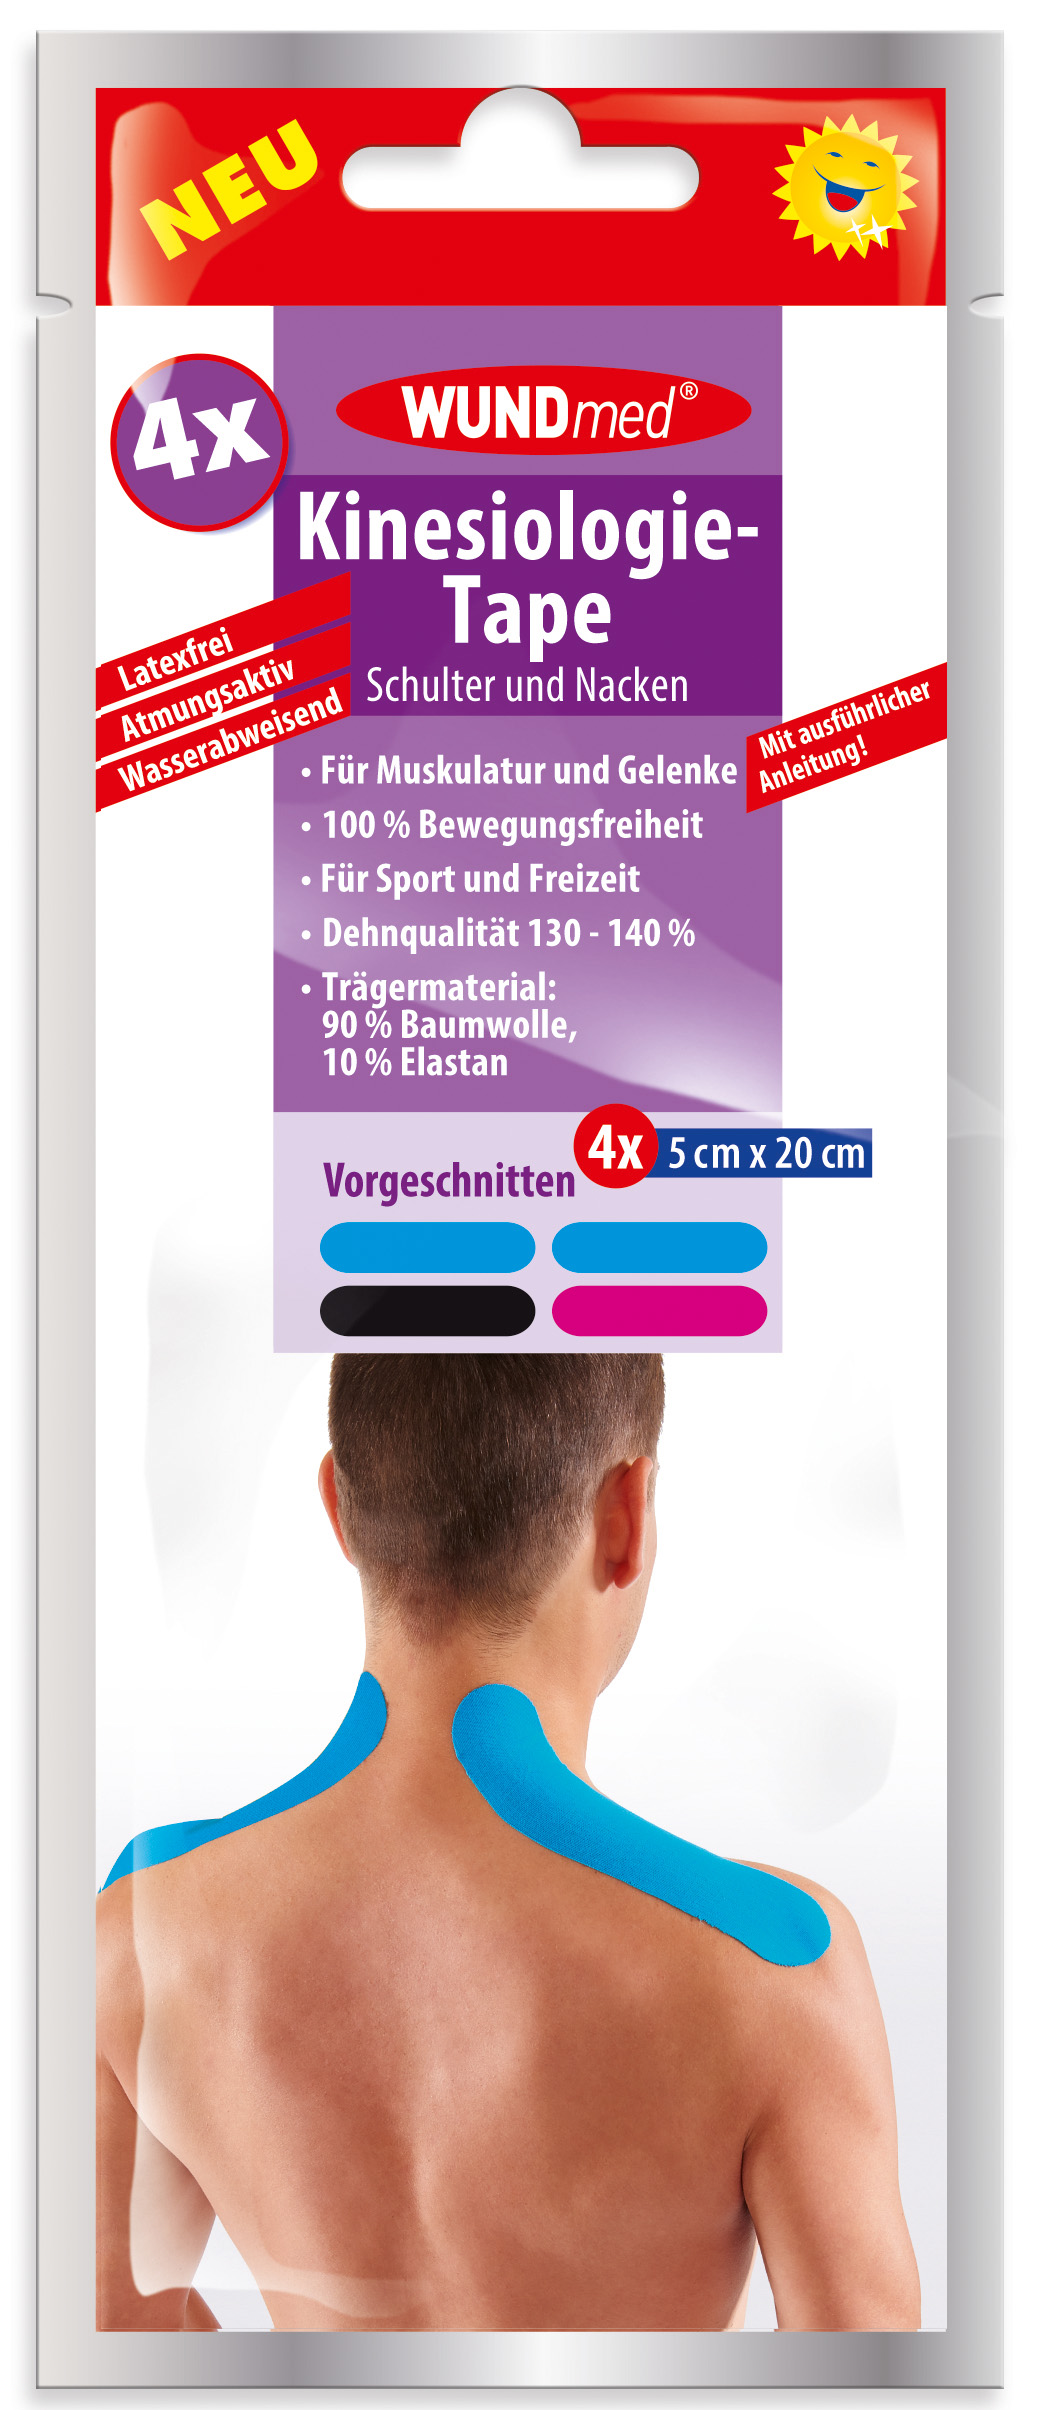 01771 - Wundmed Kinesiologie-Tape, Schulter & Nacken, vorgeschnitten, 5x20cm, 4er